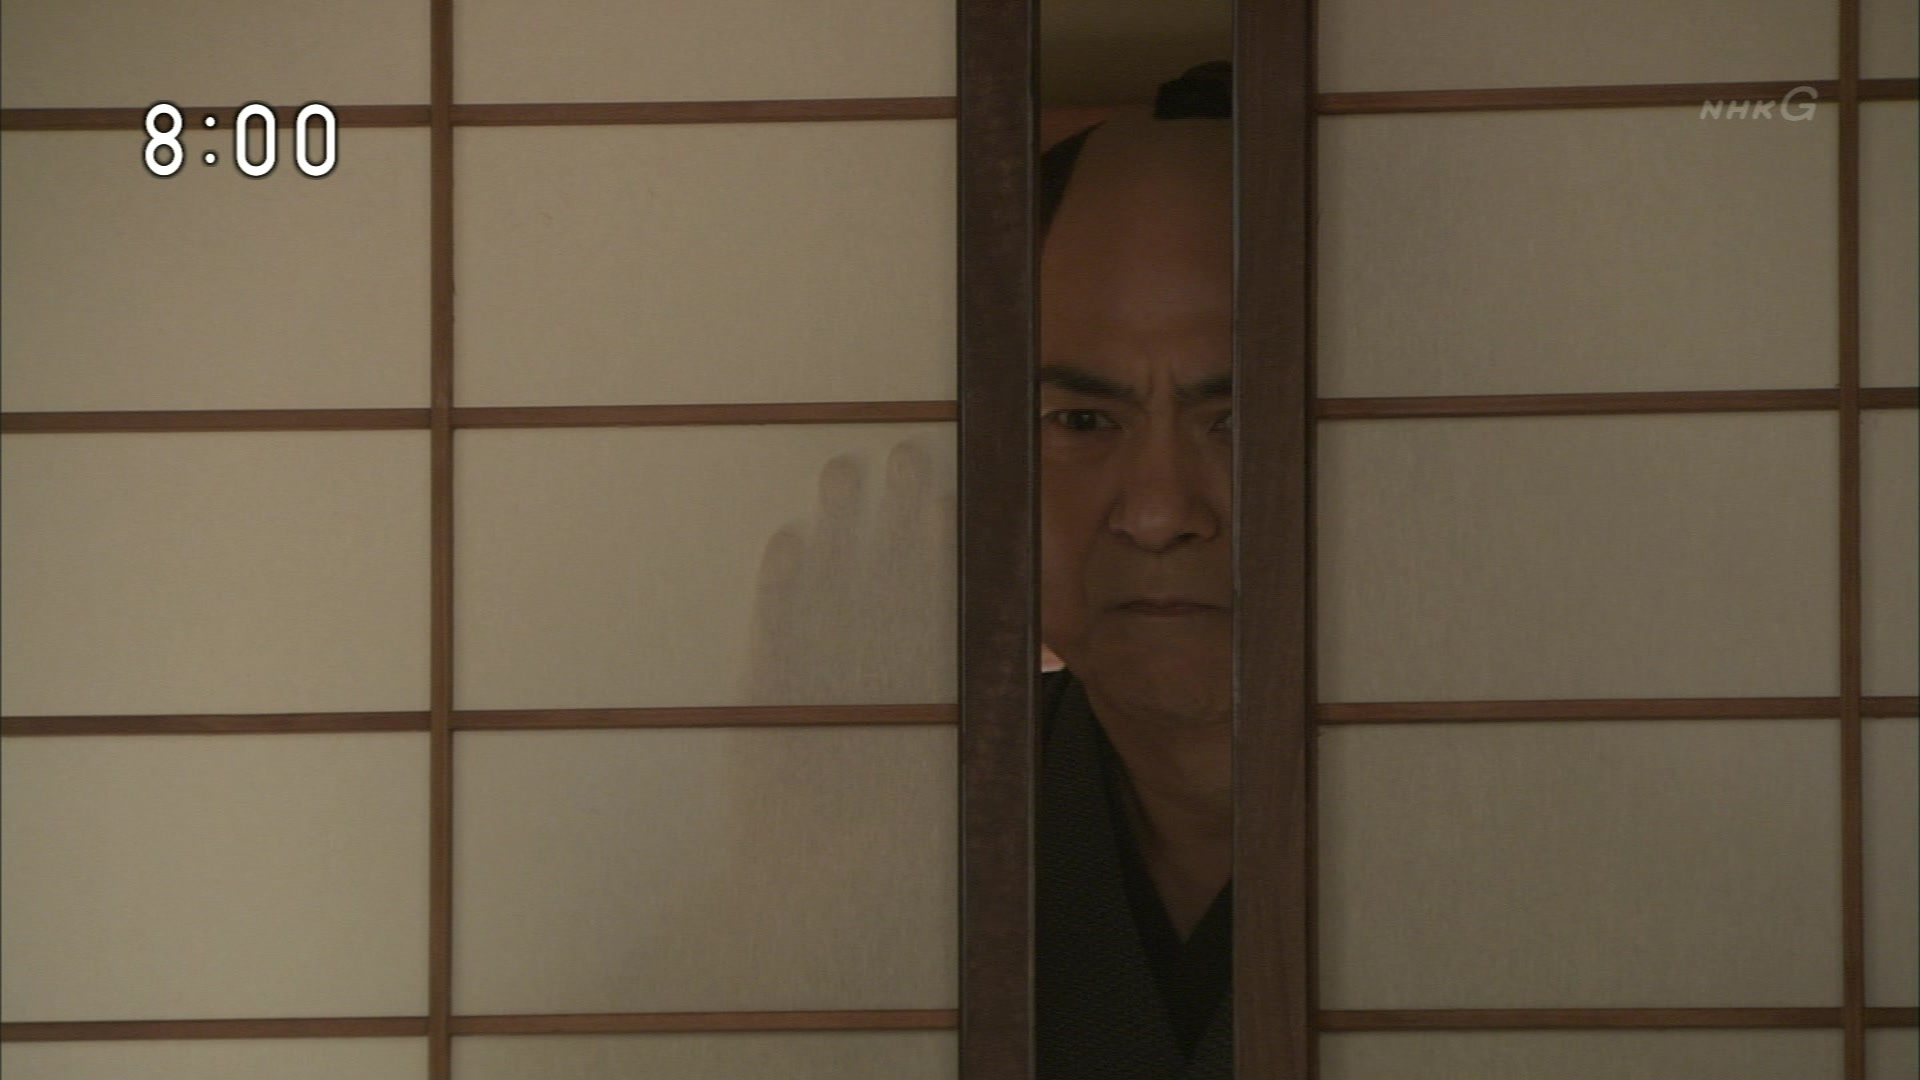 2015-10-09 08:00 連続テレビ小説 あさが来た(11)「ふたつの花びら」 0105